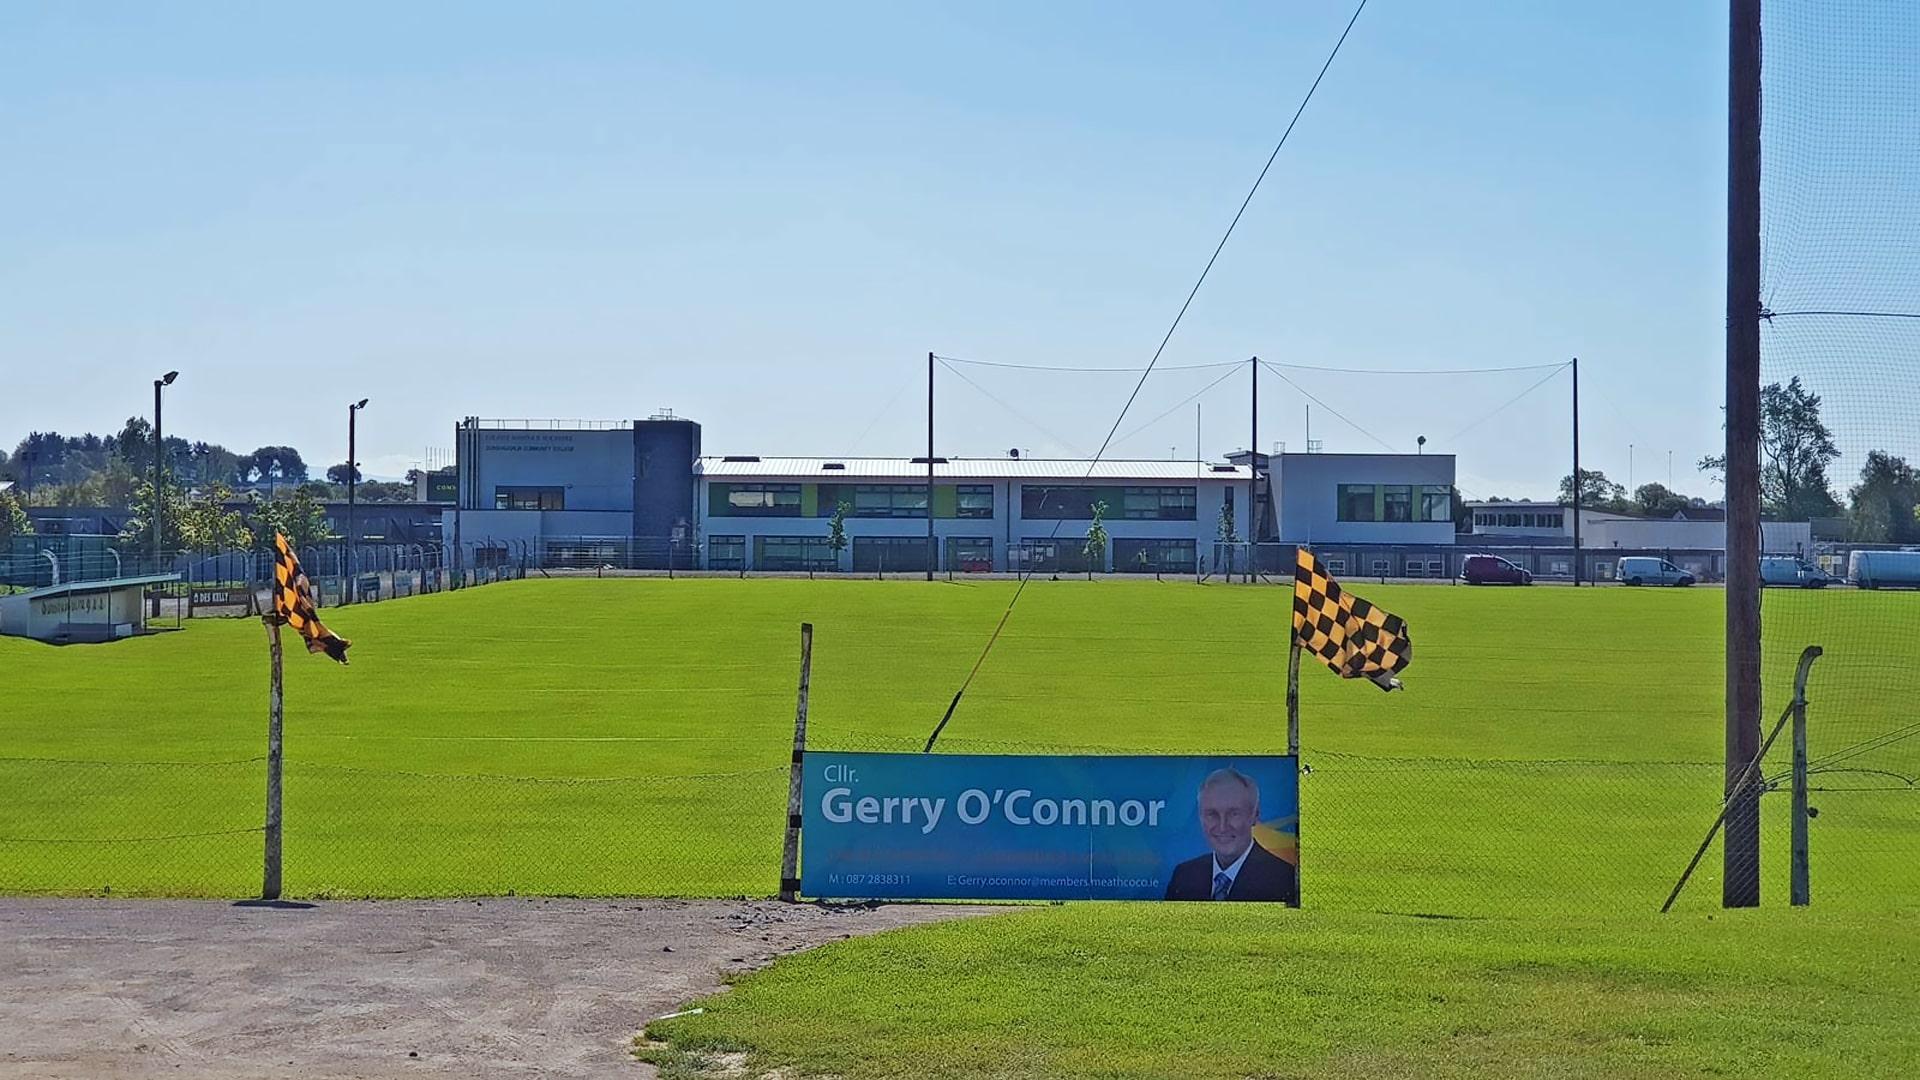 Colegio año escolar en Irlanda Dunshaughlin Community College